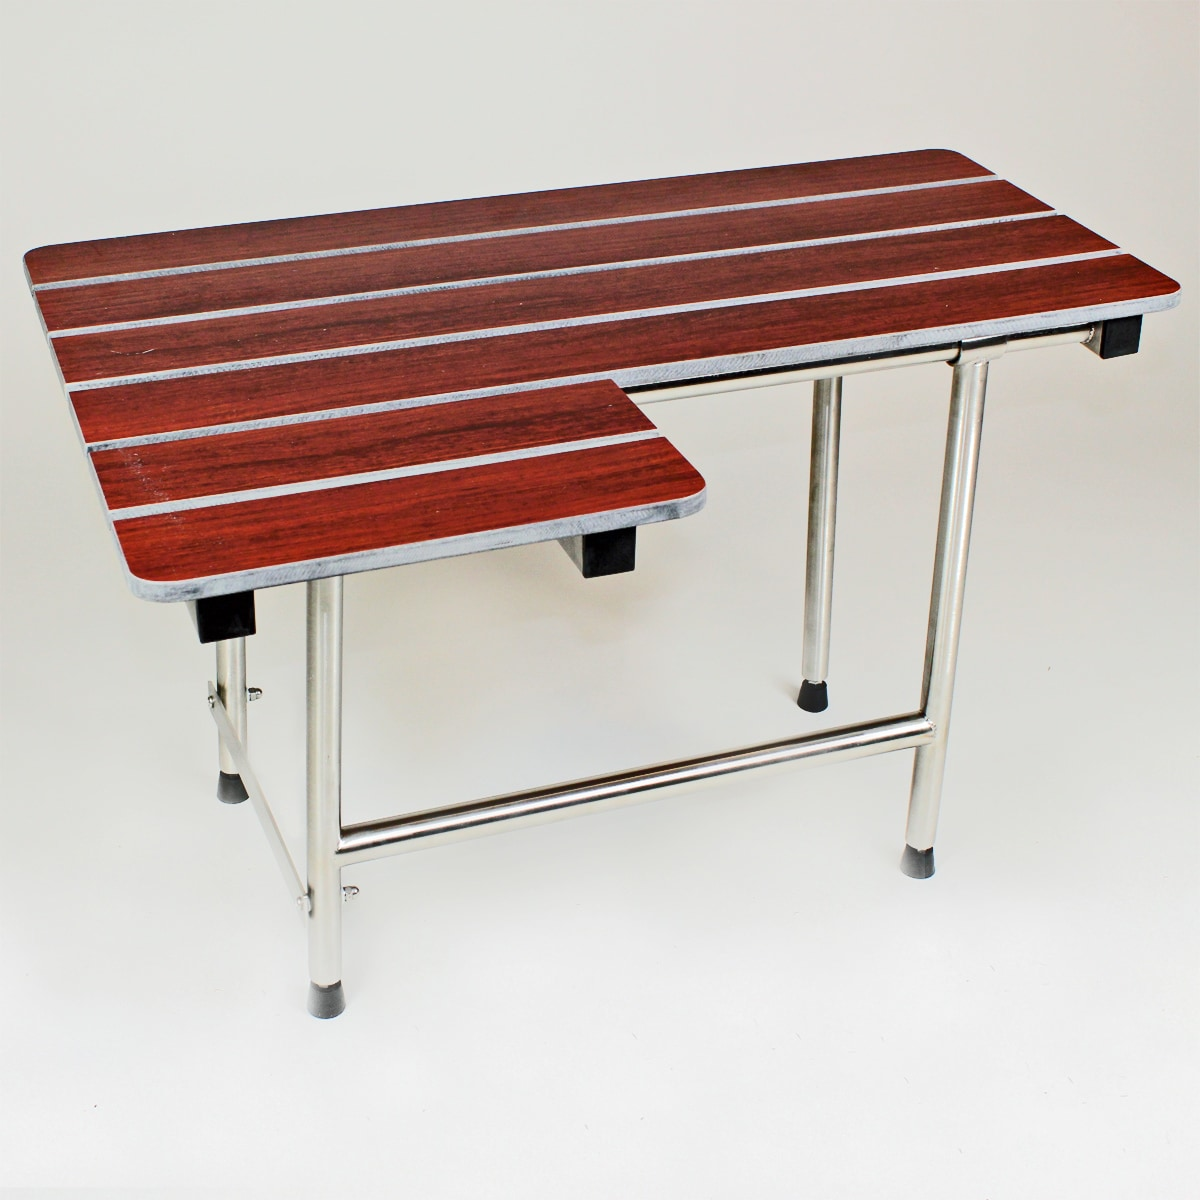 Shop Csi Bathware 32 Inch Right Hand Phenolic Wood Shower Seat